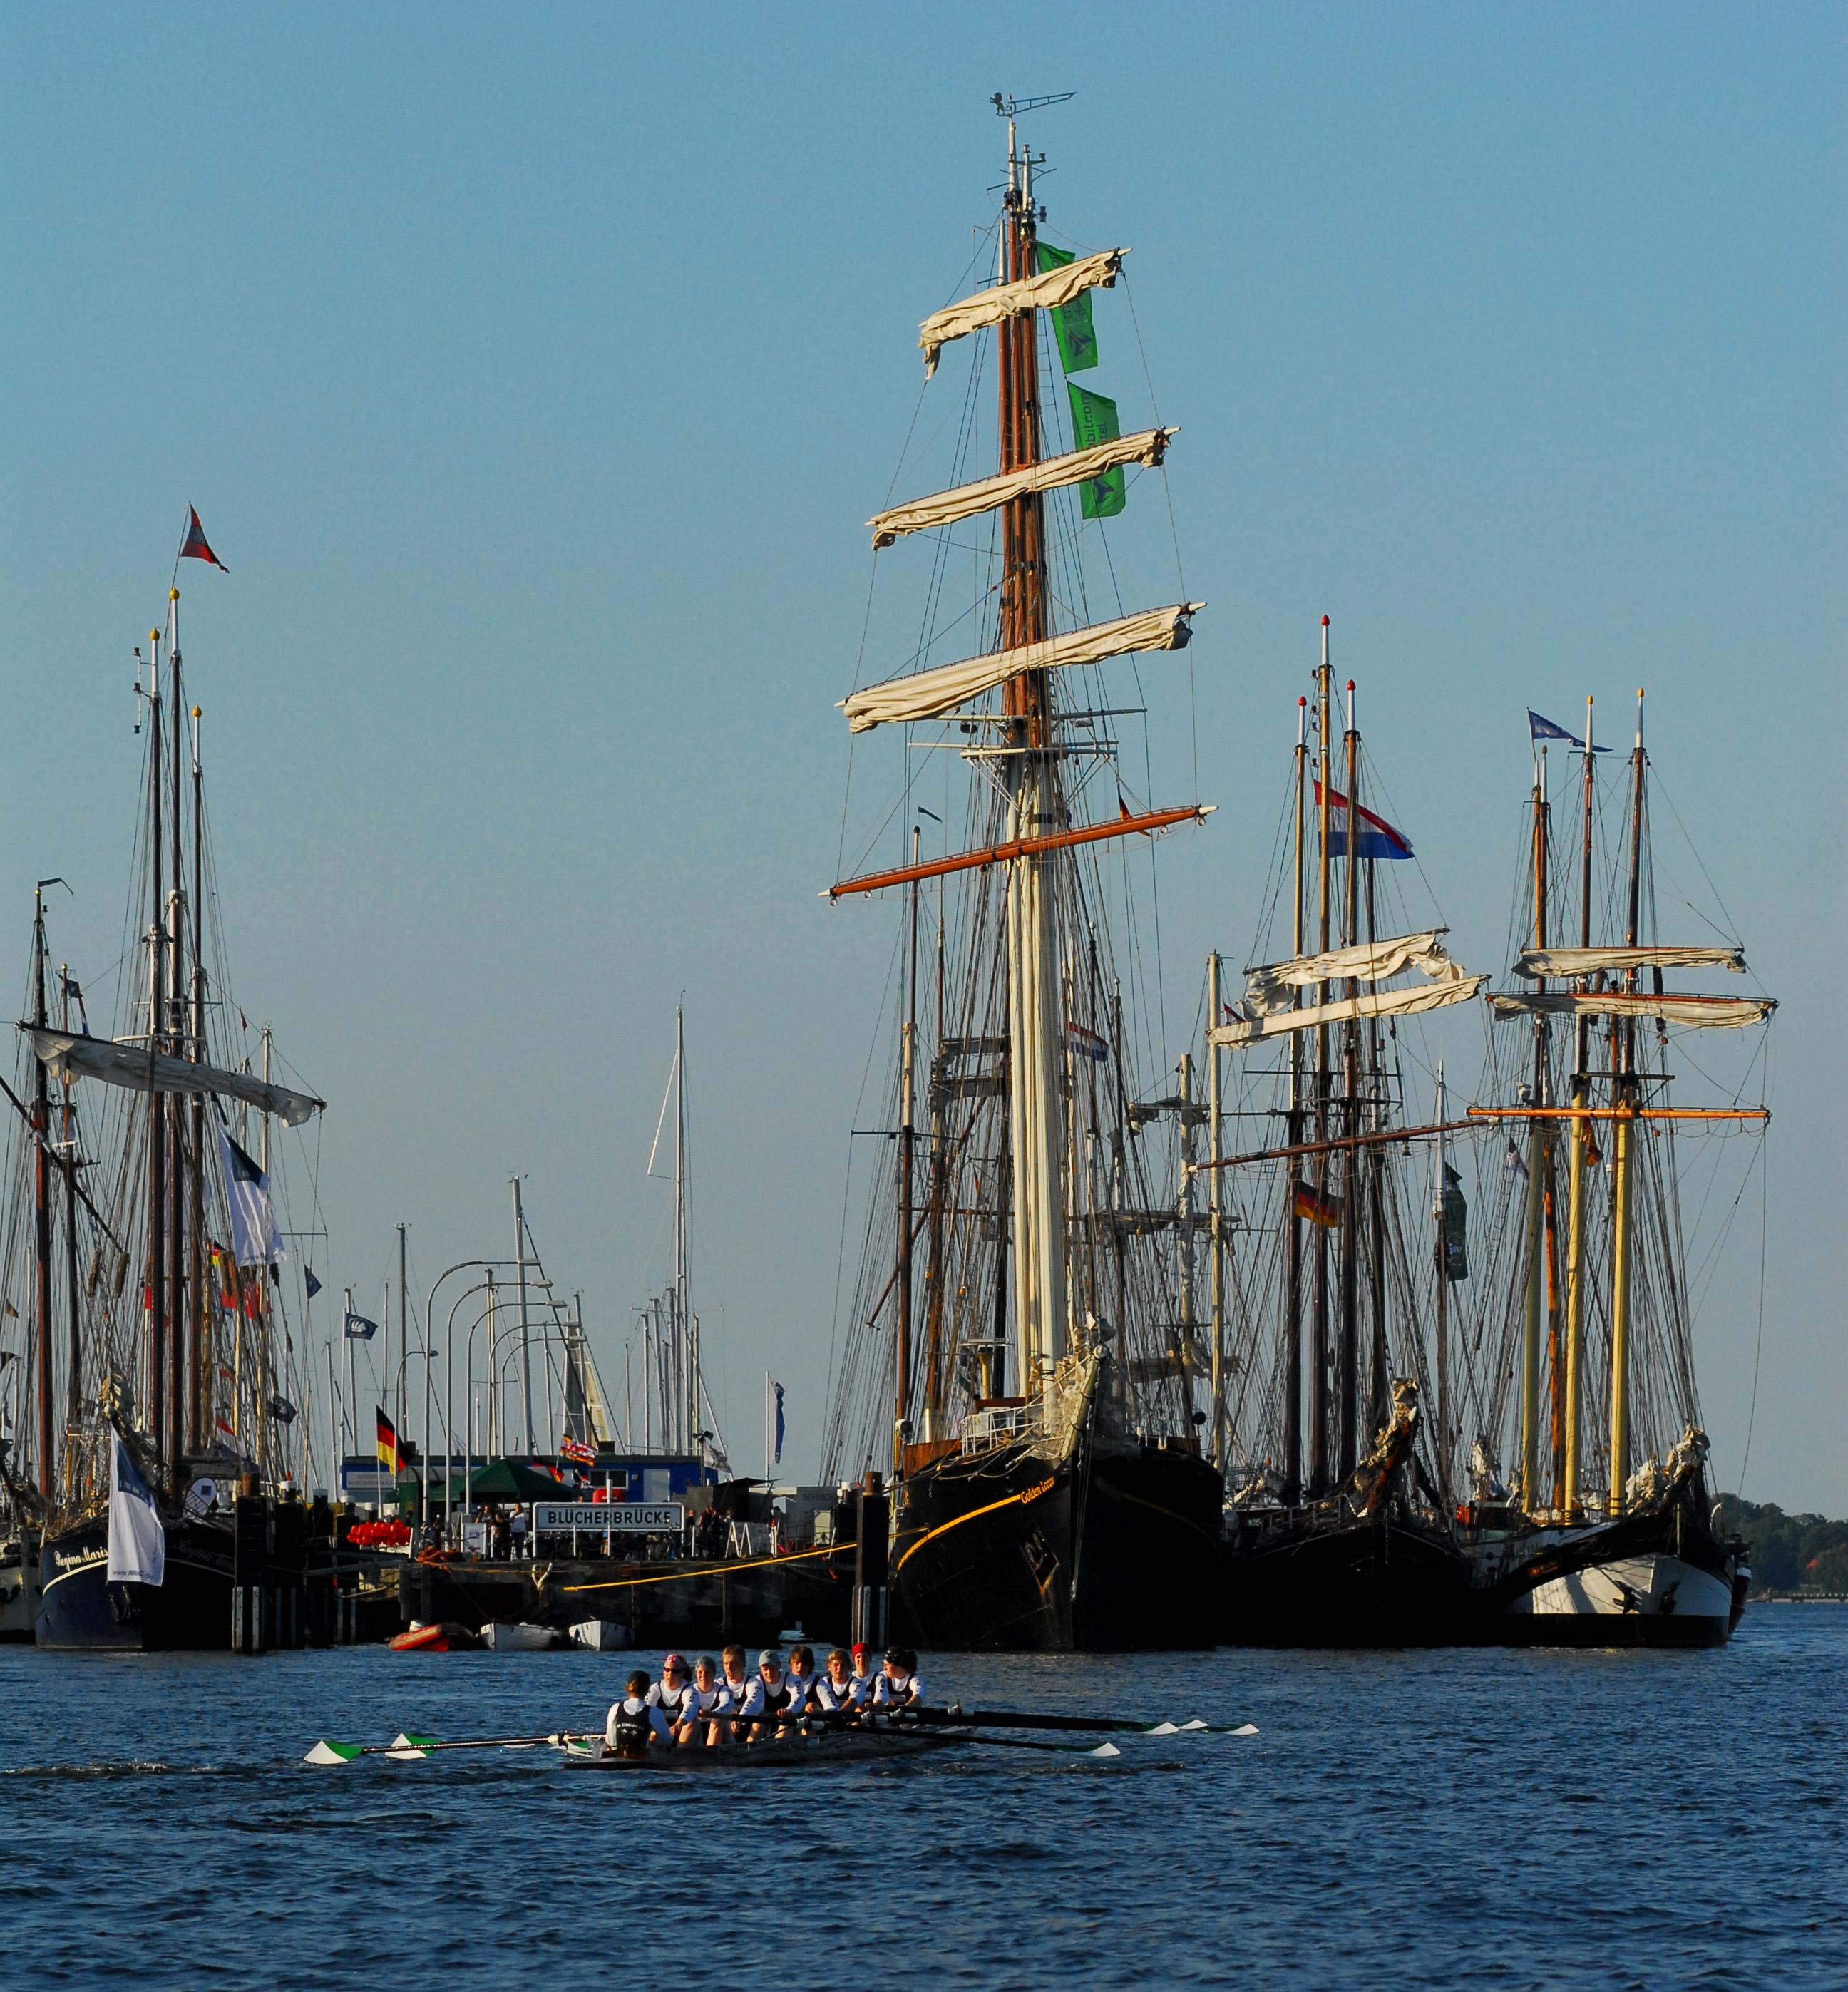 Rennachter vor historischen Schiffen